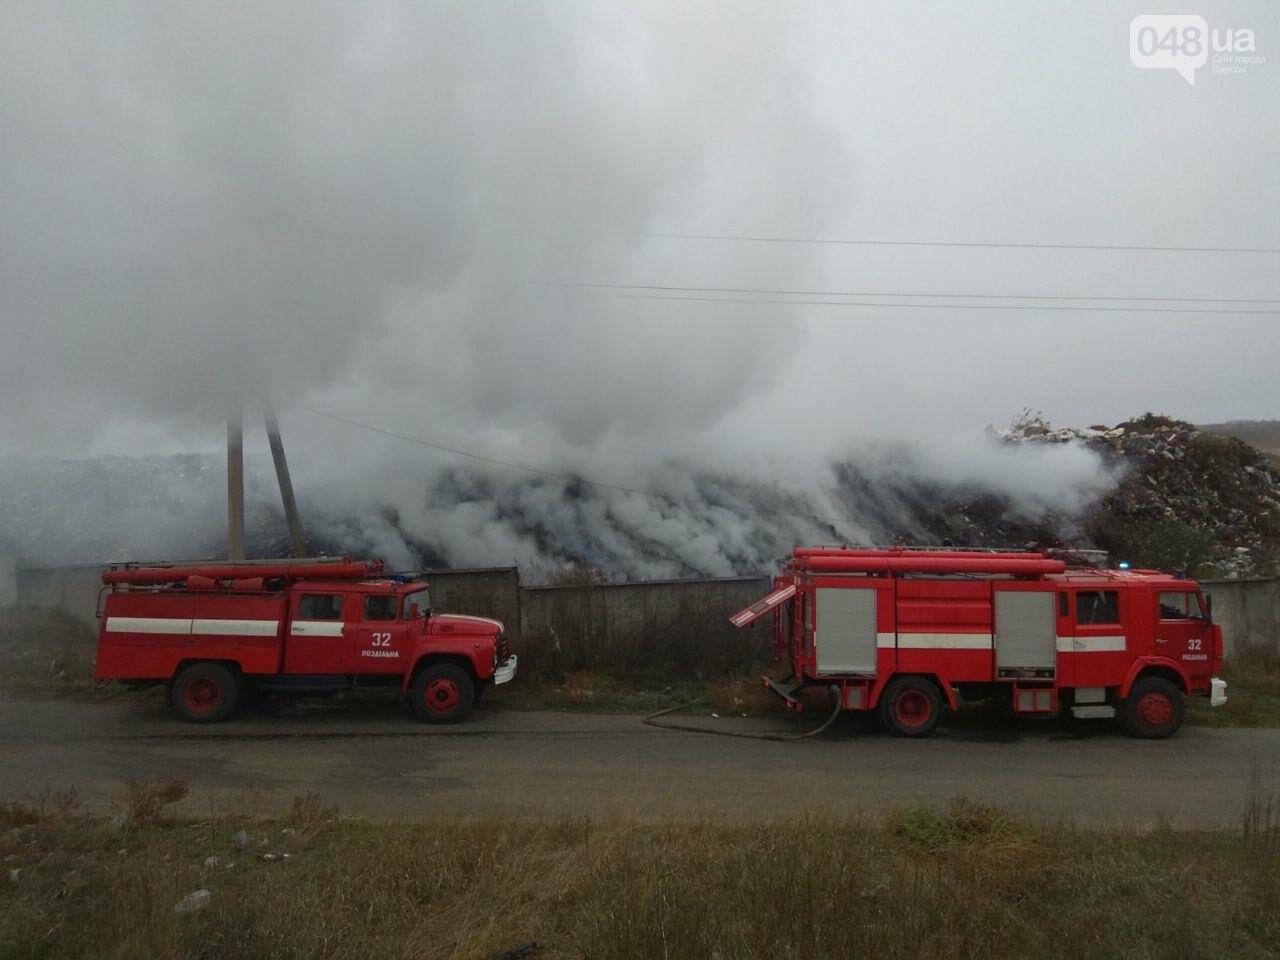 Под Одессой горела мусорная свалка, - ФОТО, фото-1